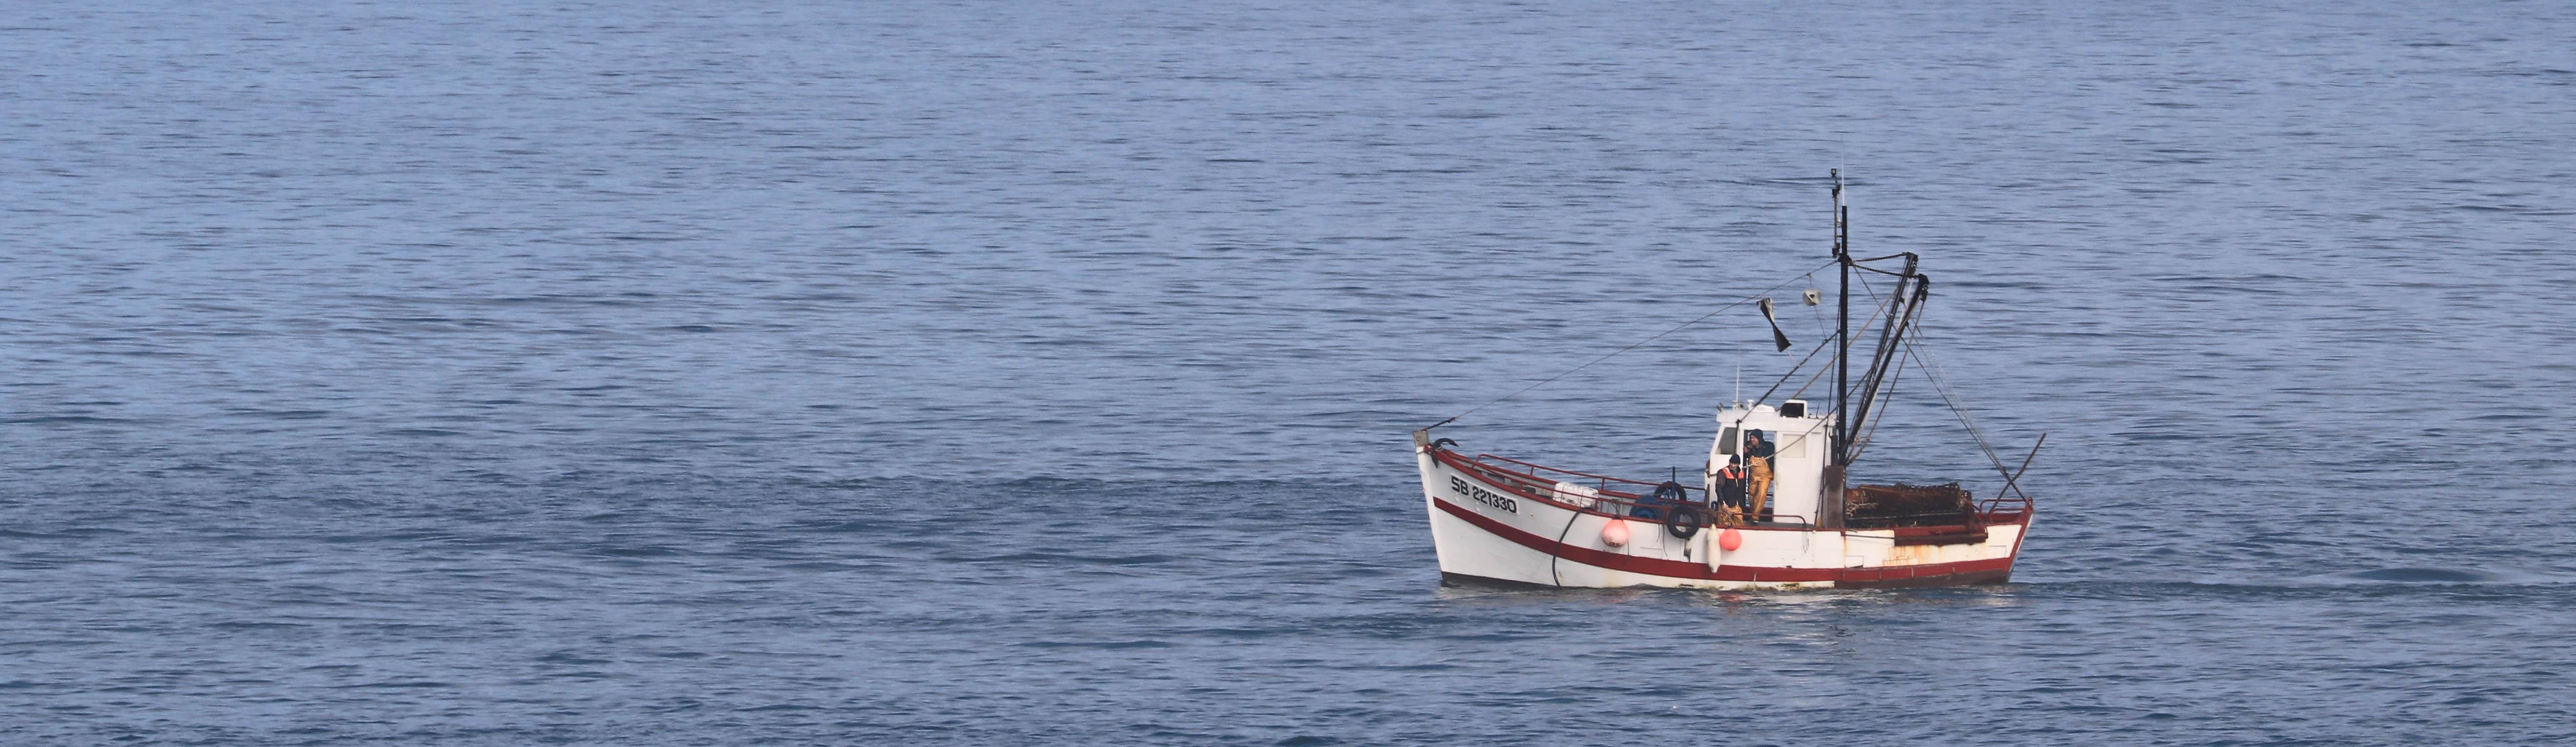 Bateau en pêche, sables d'or, 6 févr 19, 12h40.jpg